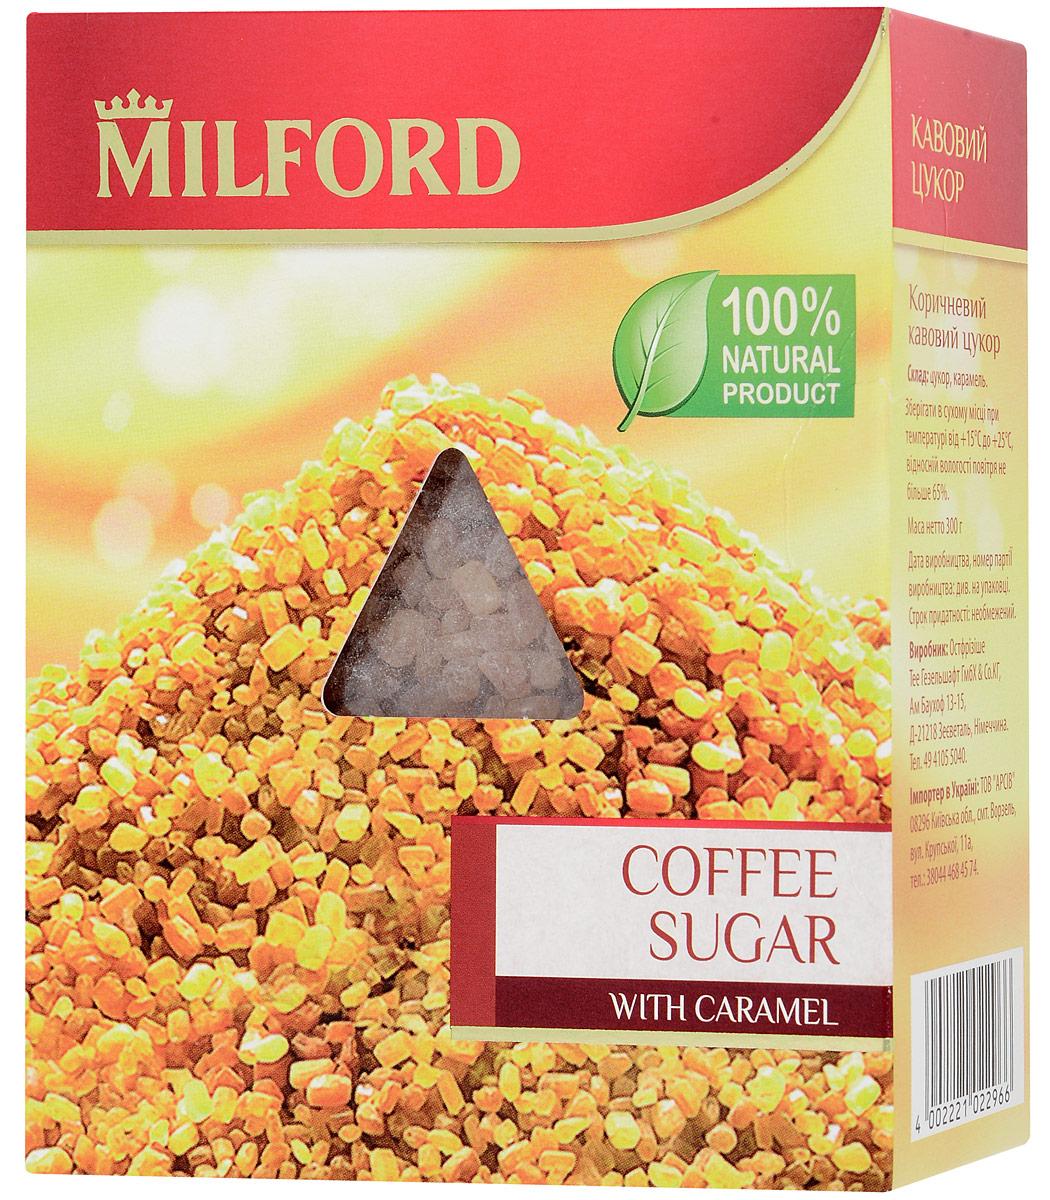 Milford кофейный сахар, 300 гбси070Тростниковый сахар - это сахароза в виде кристаллов, пропитанных тростниковой патокой, полученная из сахарного тростника. Этапы получения сахара из сахарного тростника: • Измельчение тростника (механическое) • Сбор сока (отжатие в прессе), его фильтрация (с добавлением известкового молока) • Выпаривание воды • Получение сахара-сырца (некристаллический – сироп) • Центрифугирование и кристаллизация сахара, возможно рафинирование, остров Маврикий поставляет лучшее сырье для производства тростникового сахара • Идеальные для выращивания сахарного тростника условия (среднегодовая температура воздуха около +27°С) • Более 90% обрабатываемых площадей отданы для выращивания высококачественного сахарного тростника • Контроль качества продукта обеспечивается на государственном уровне • Основной поставщик премиального сырья для стран ЕС и США настоящий коричневый тростниковый сахар Milford производится в Германии только из лучшего...